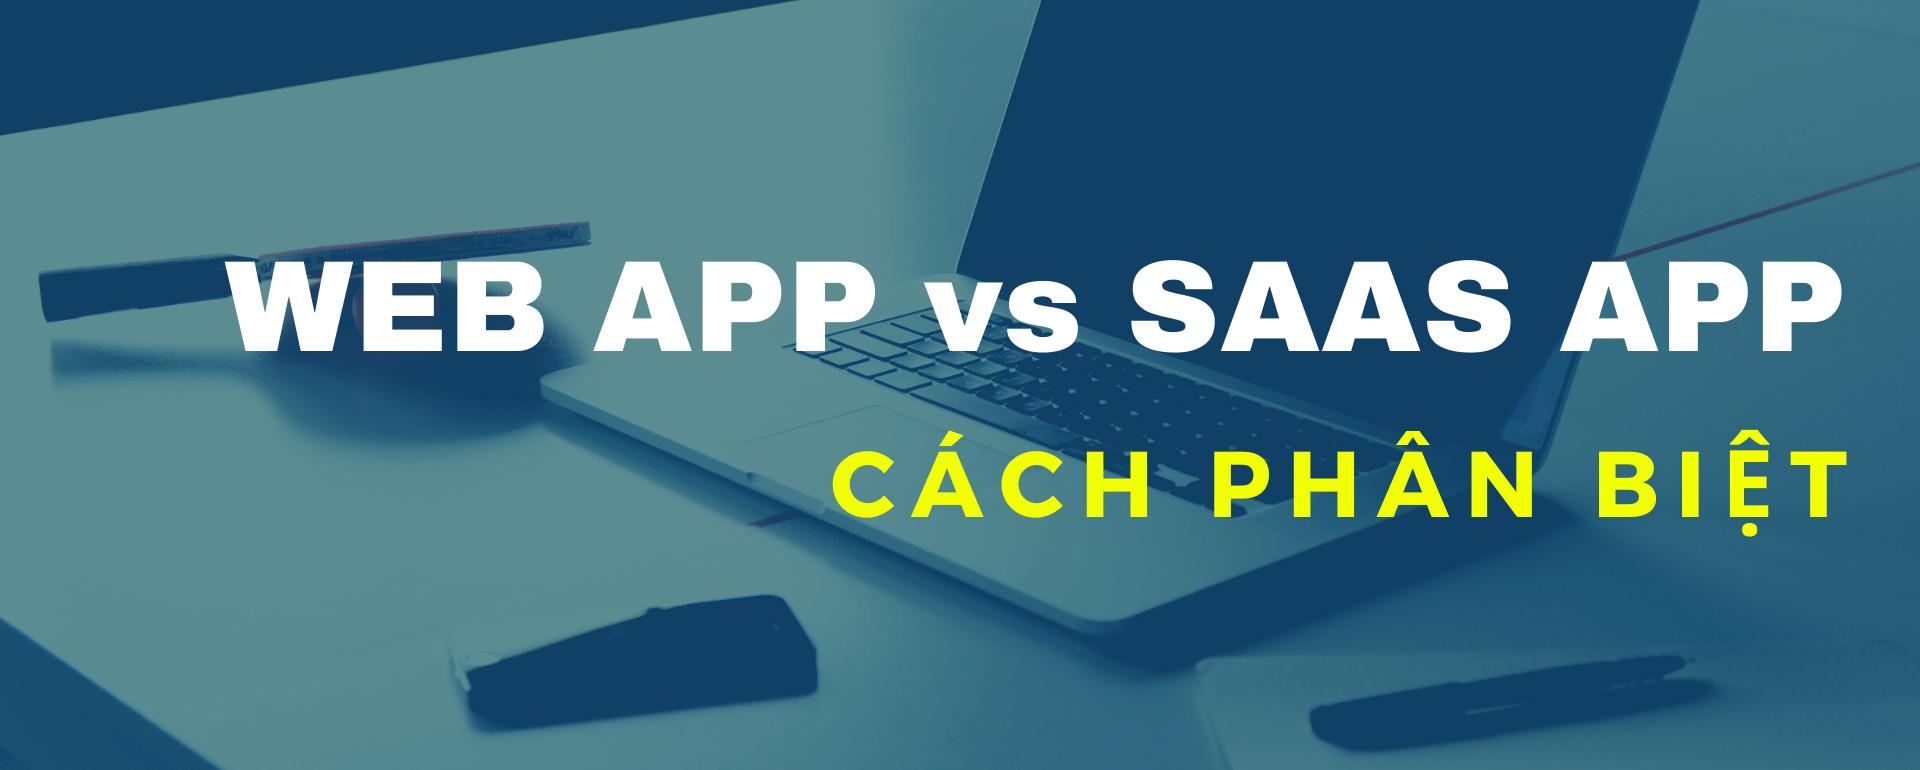 WEB APP vs SAAS APP